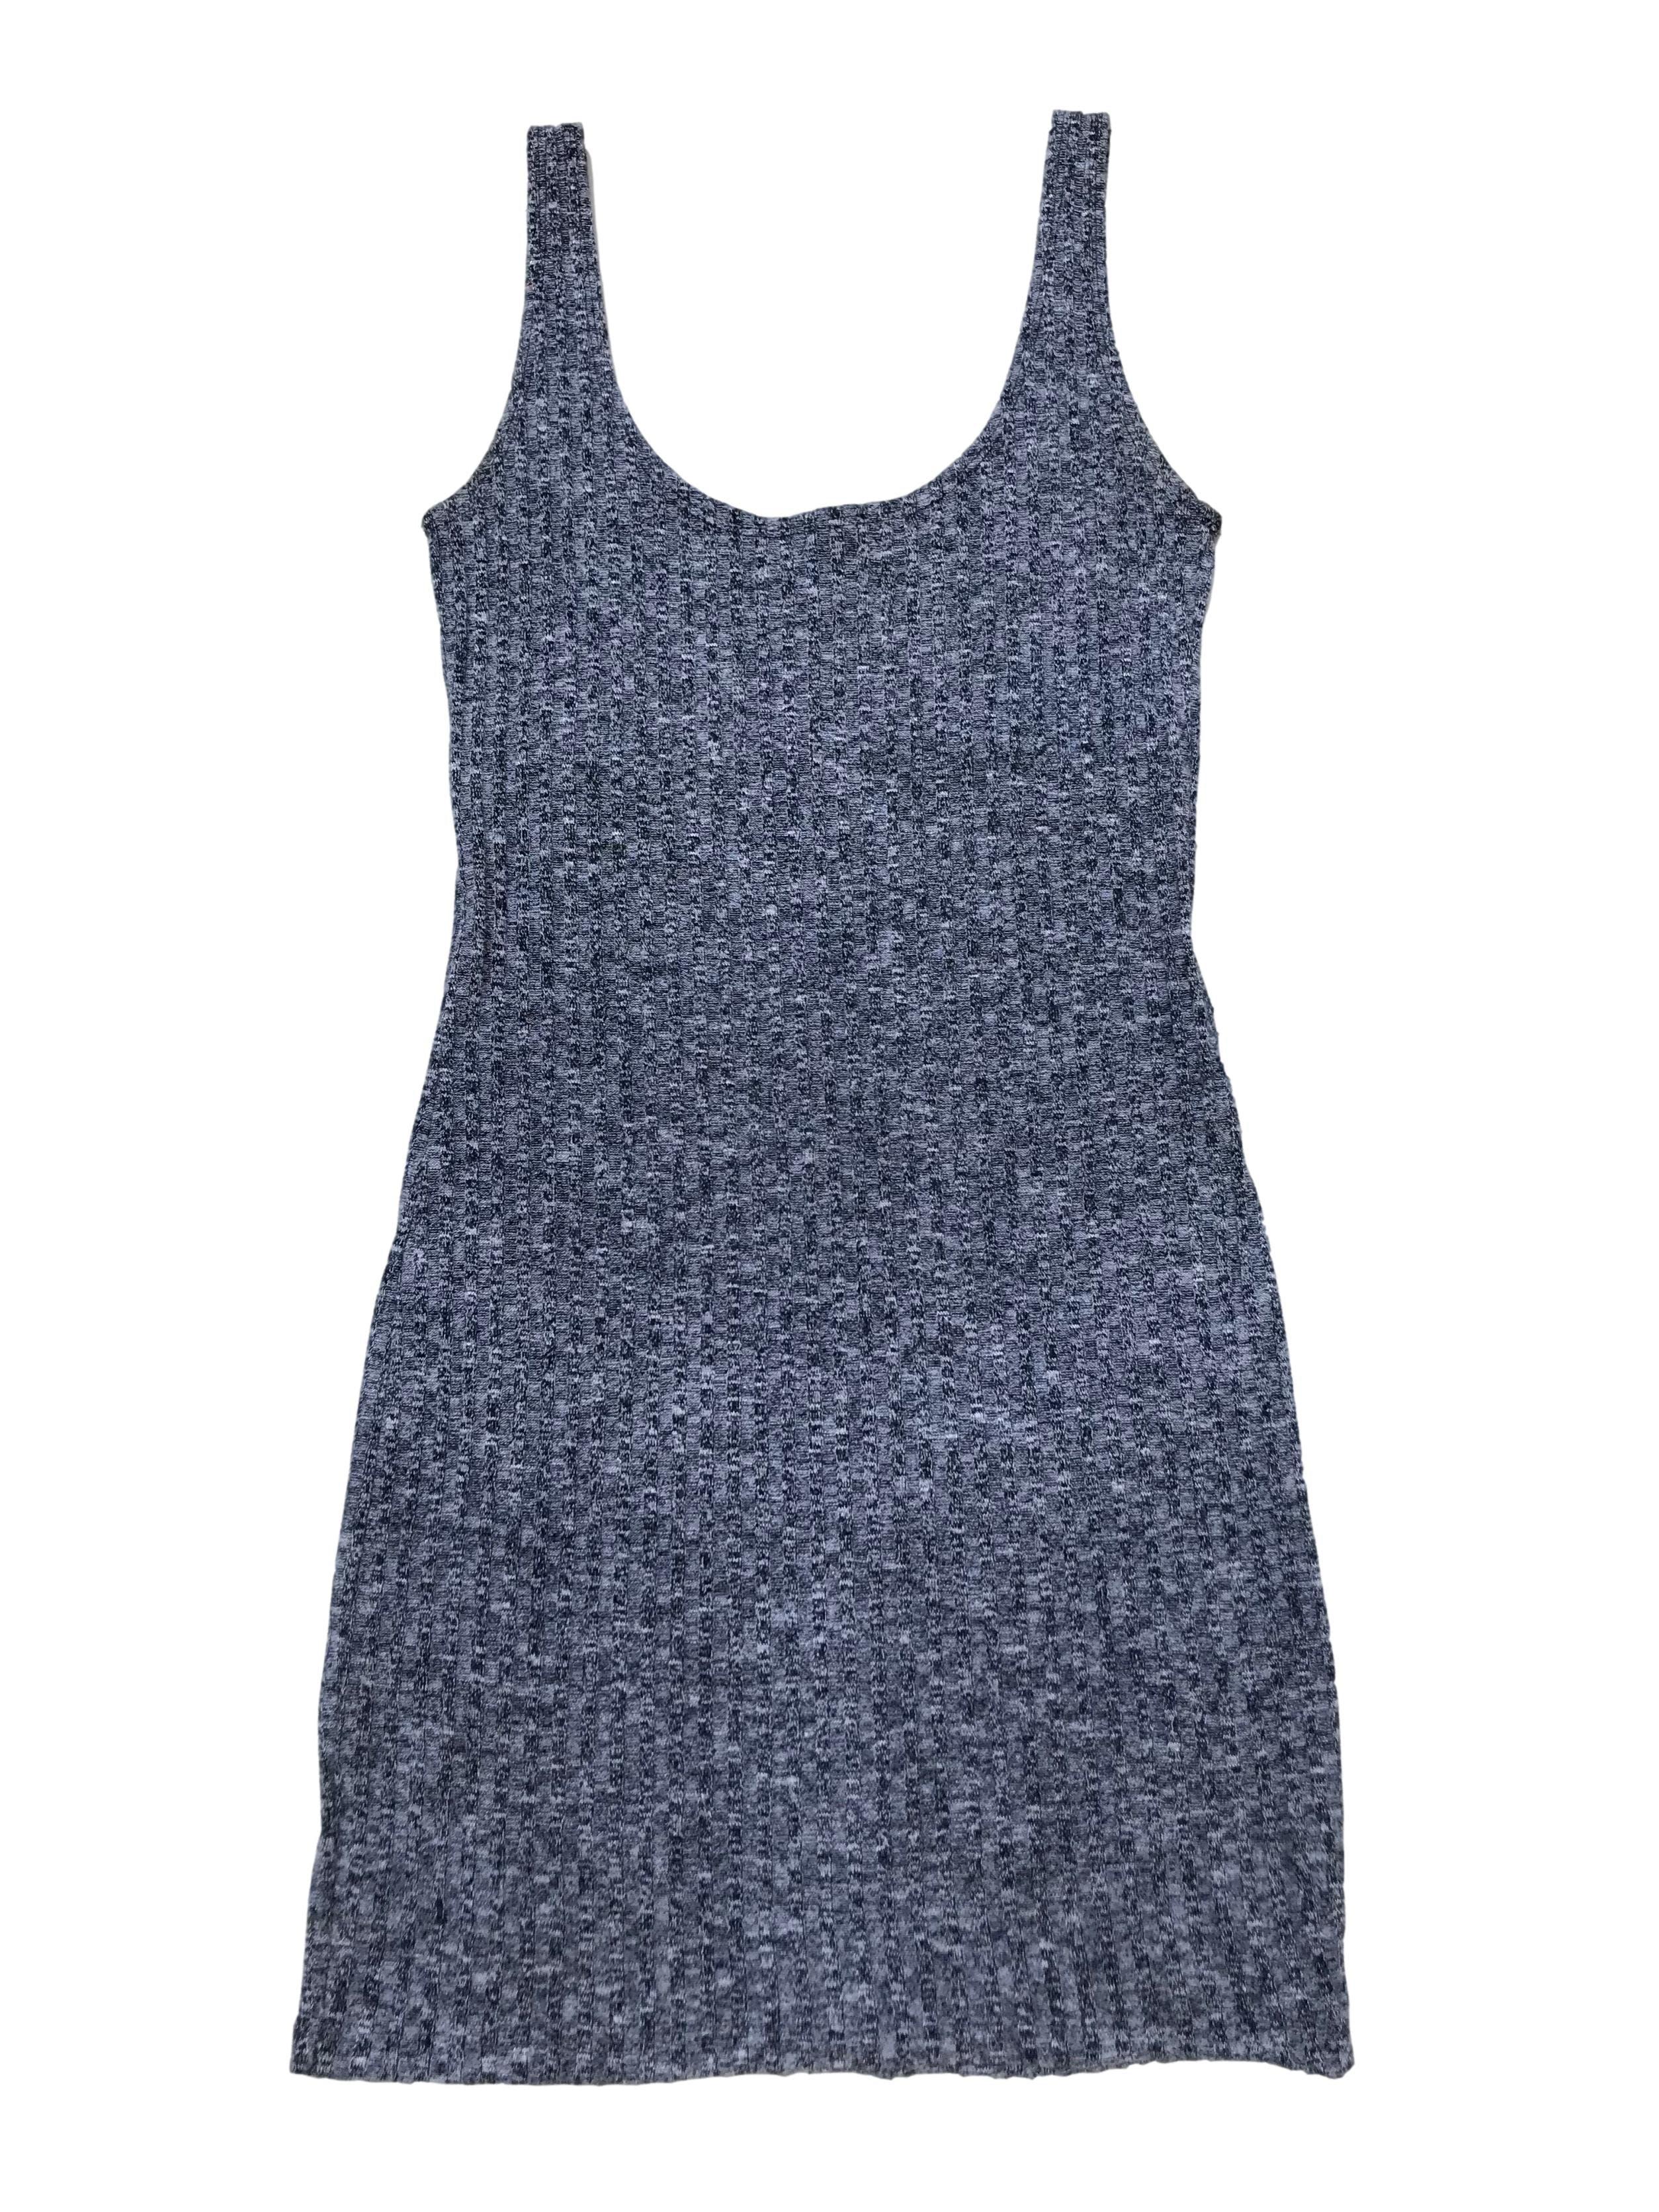 Vestido Cotton On de punto azul jaspeado, acanalado. Busto hasta 100cm Largo 85cm. Precio original S/ 130